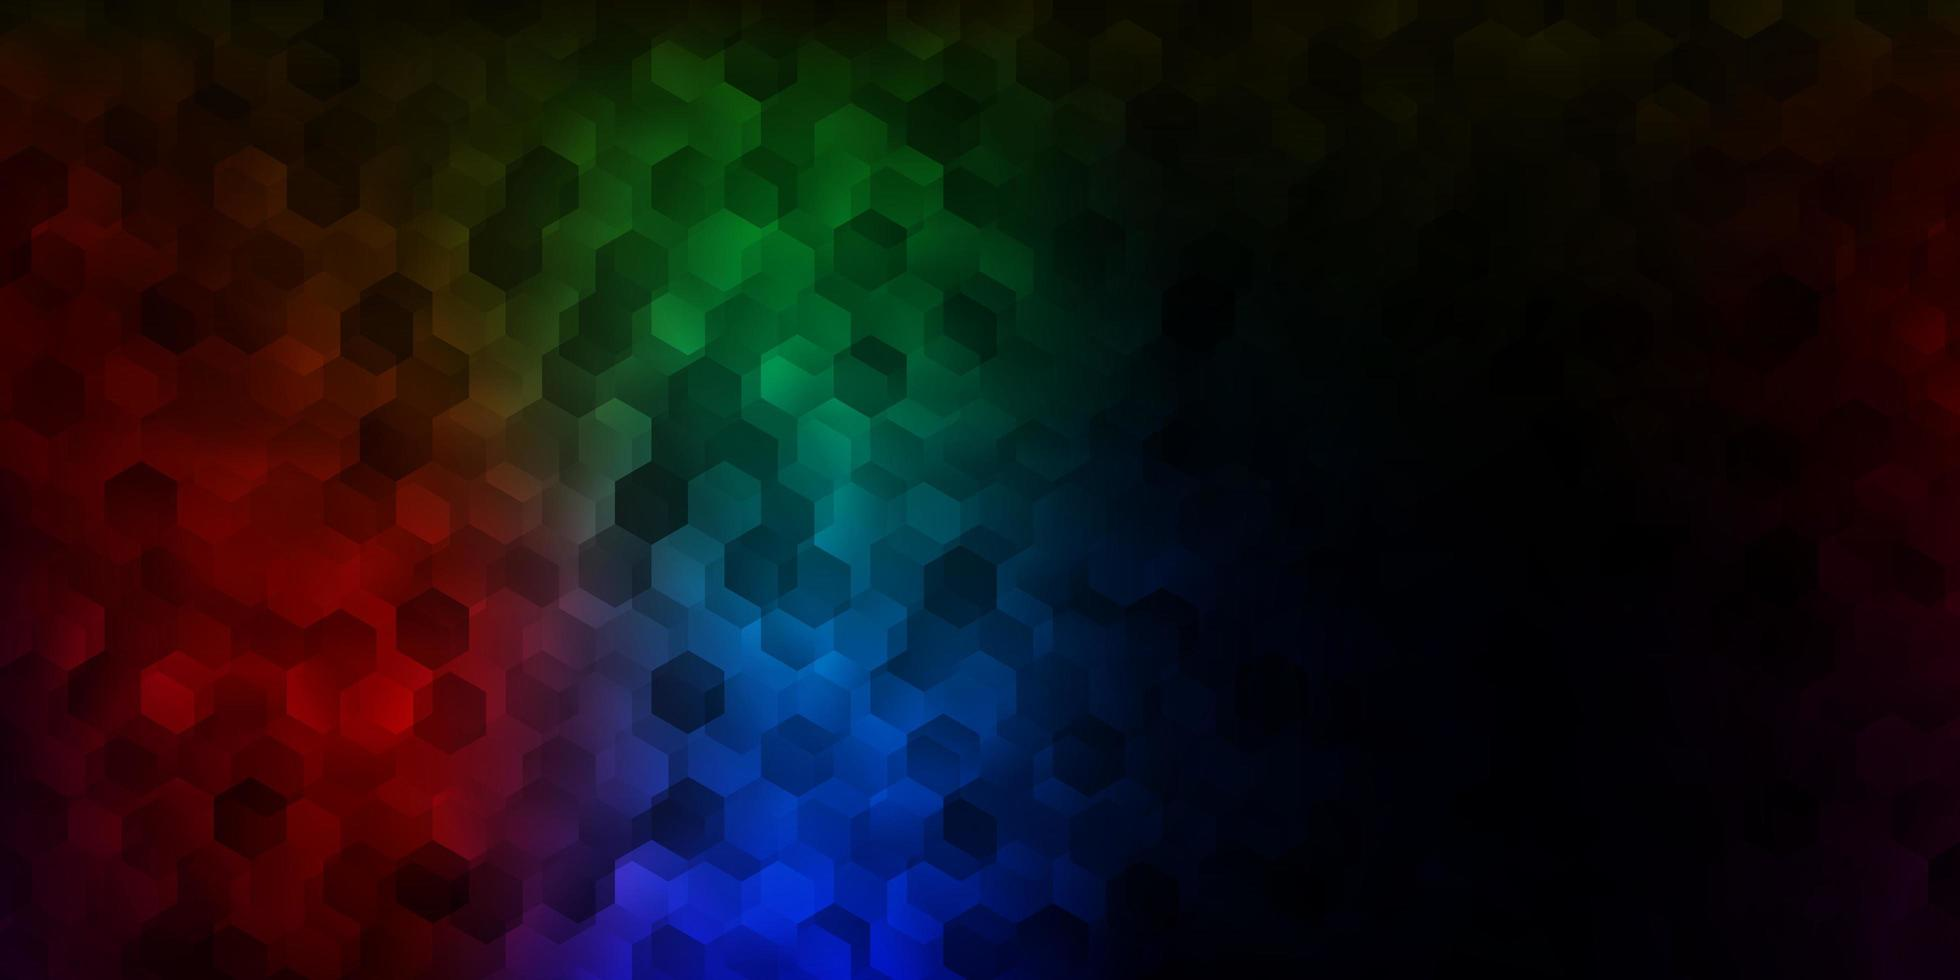 toile de fond multicolore sombre avec des formes chaotiques. vecteur